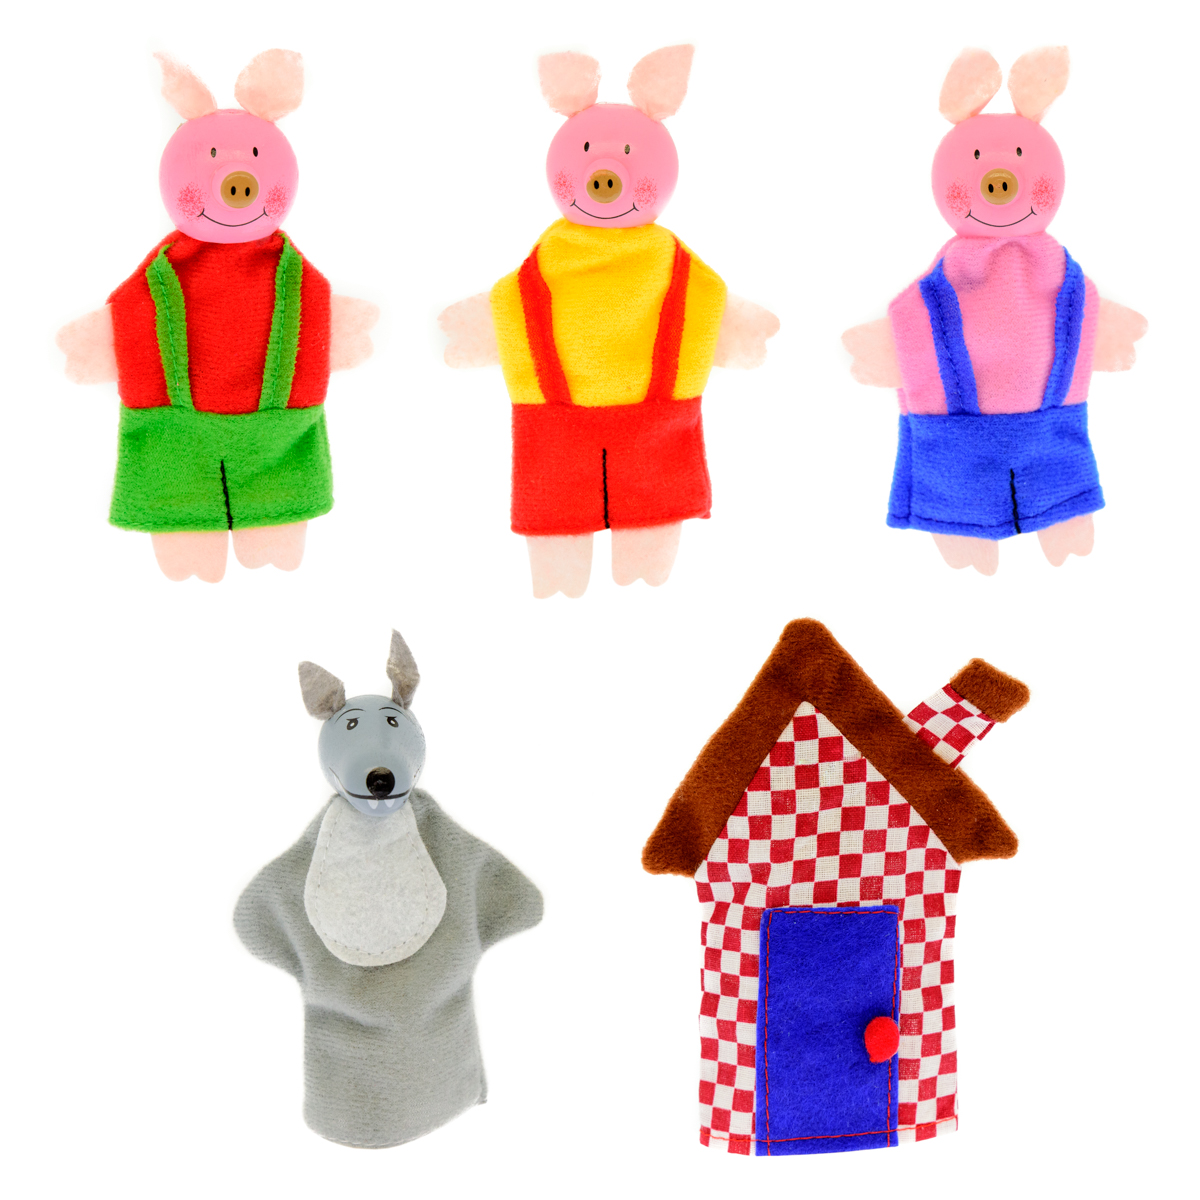 Анданте Кукольный театр Три поросенка конструкторы happykon кукольный домик хэппидом коттедж с мебелью для кукол из дерева